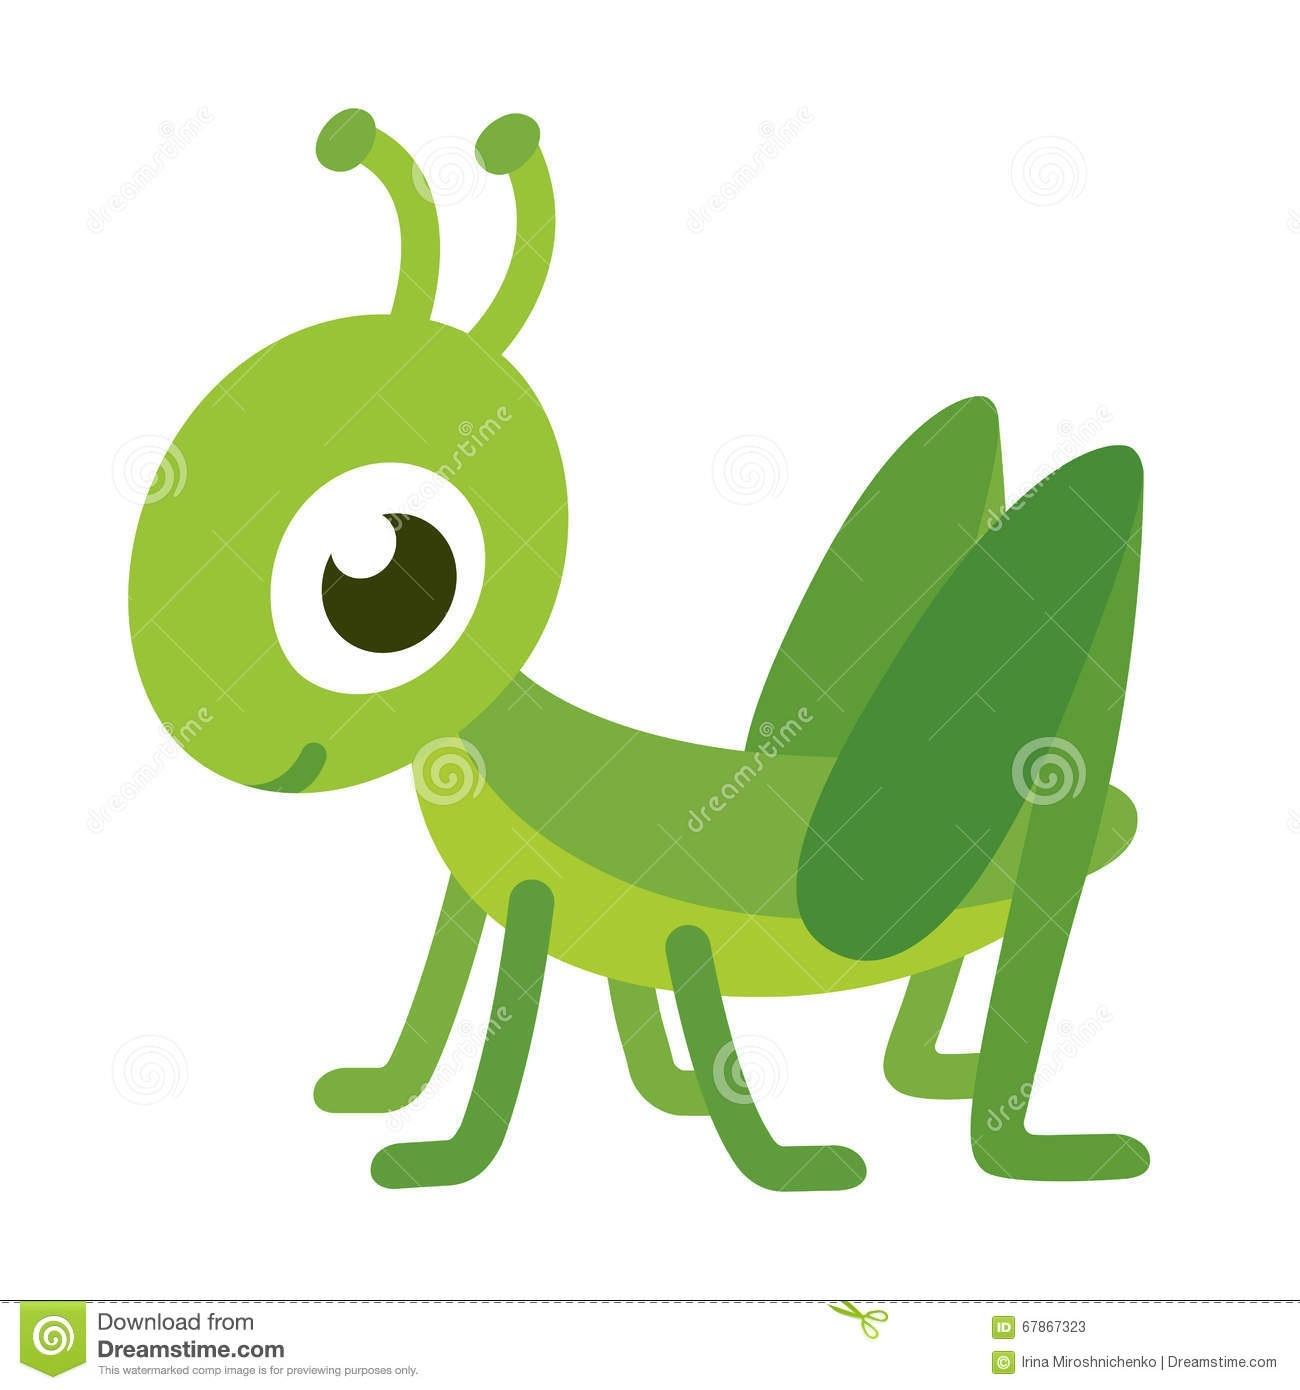 Best of cute grasshopper. Caterpillar clipart adorable